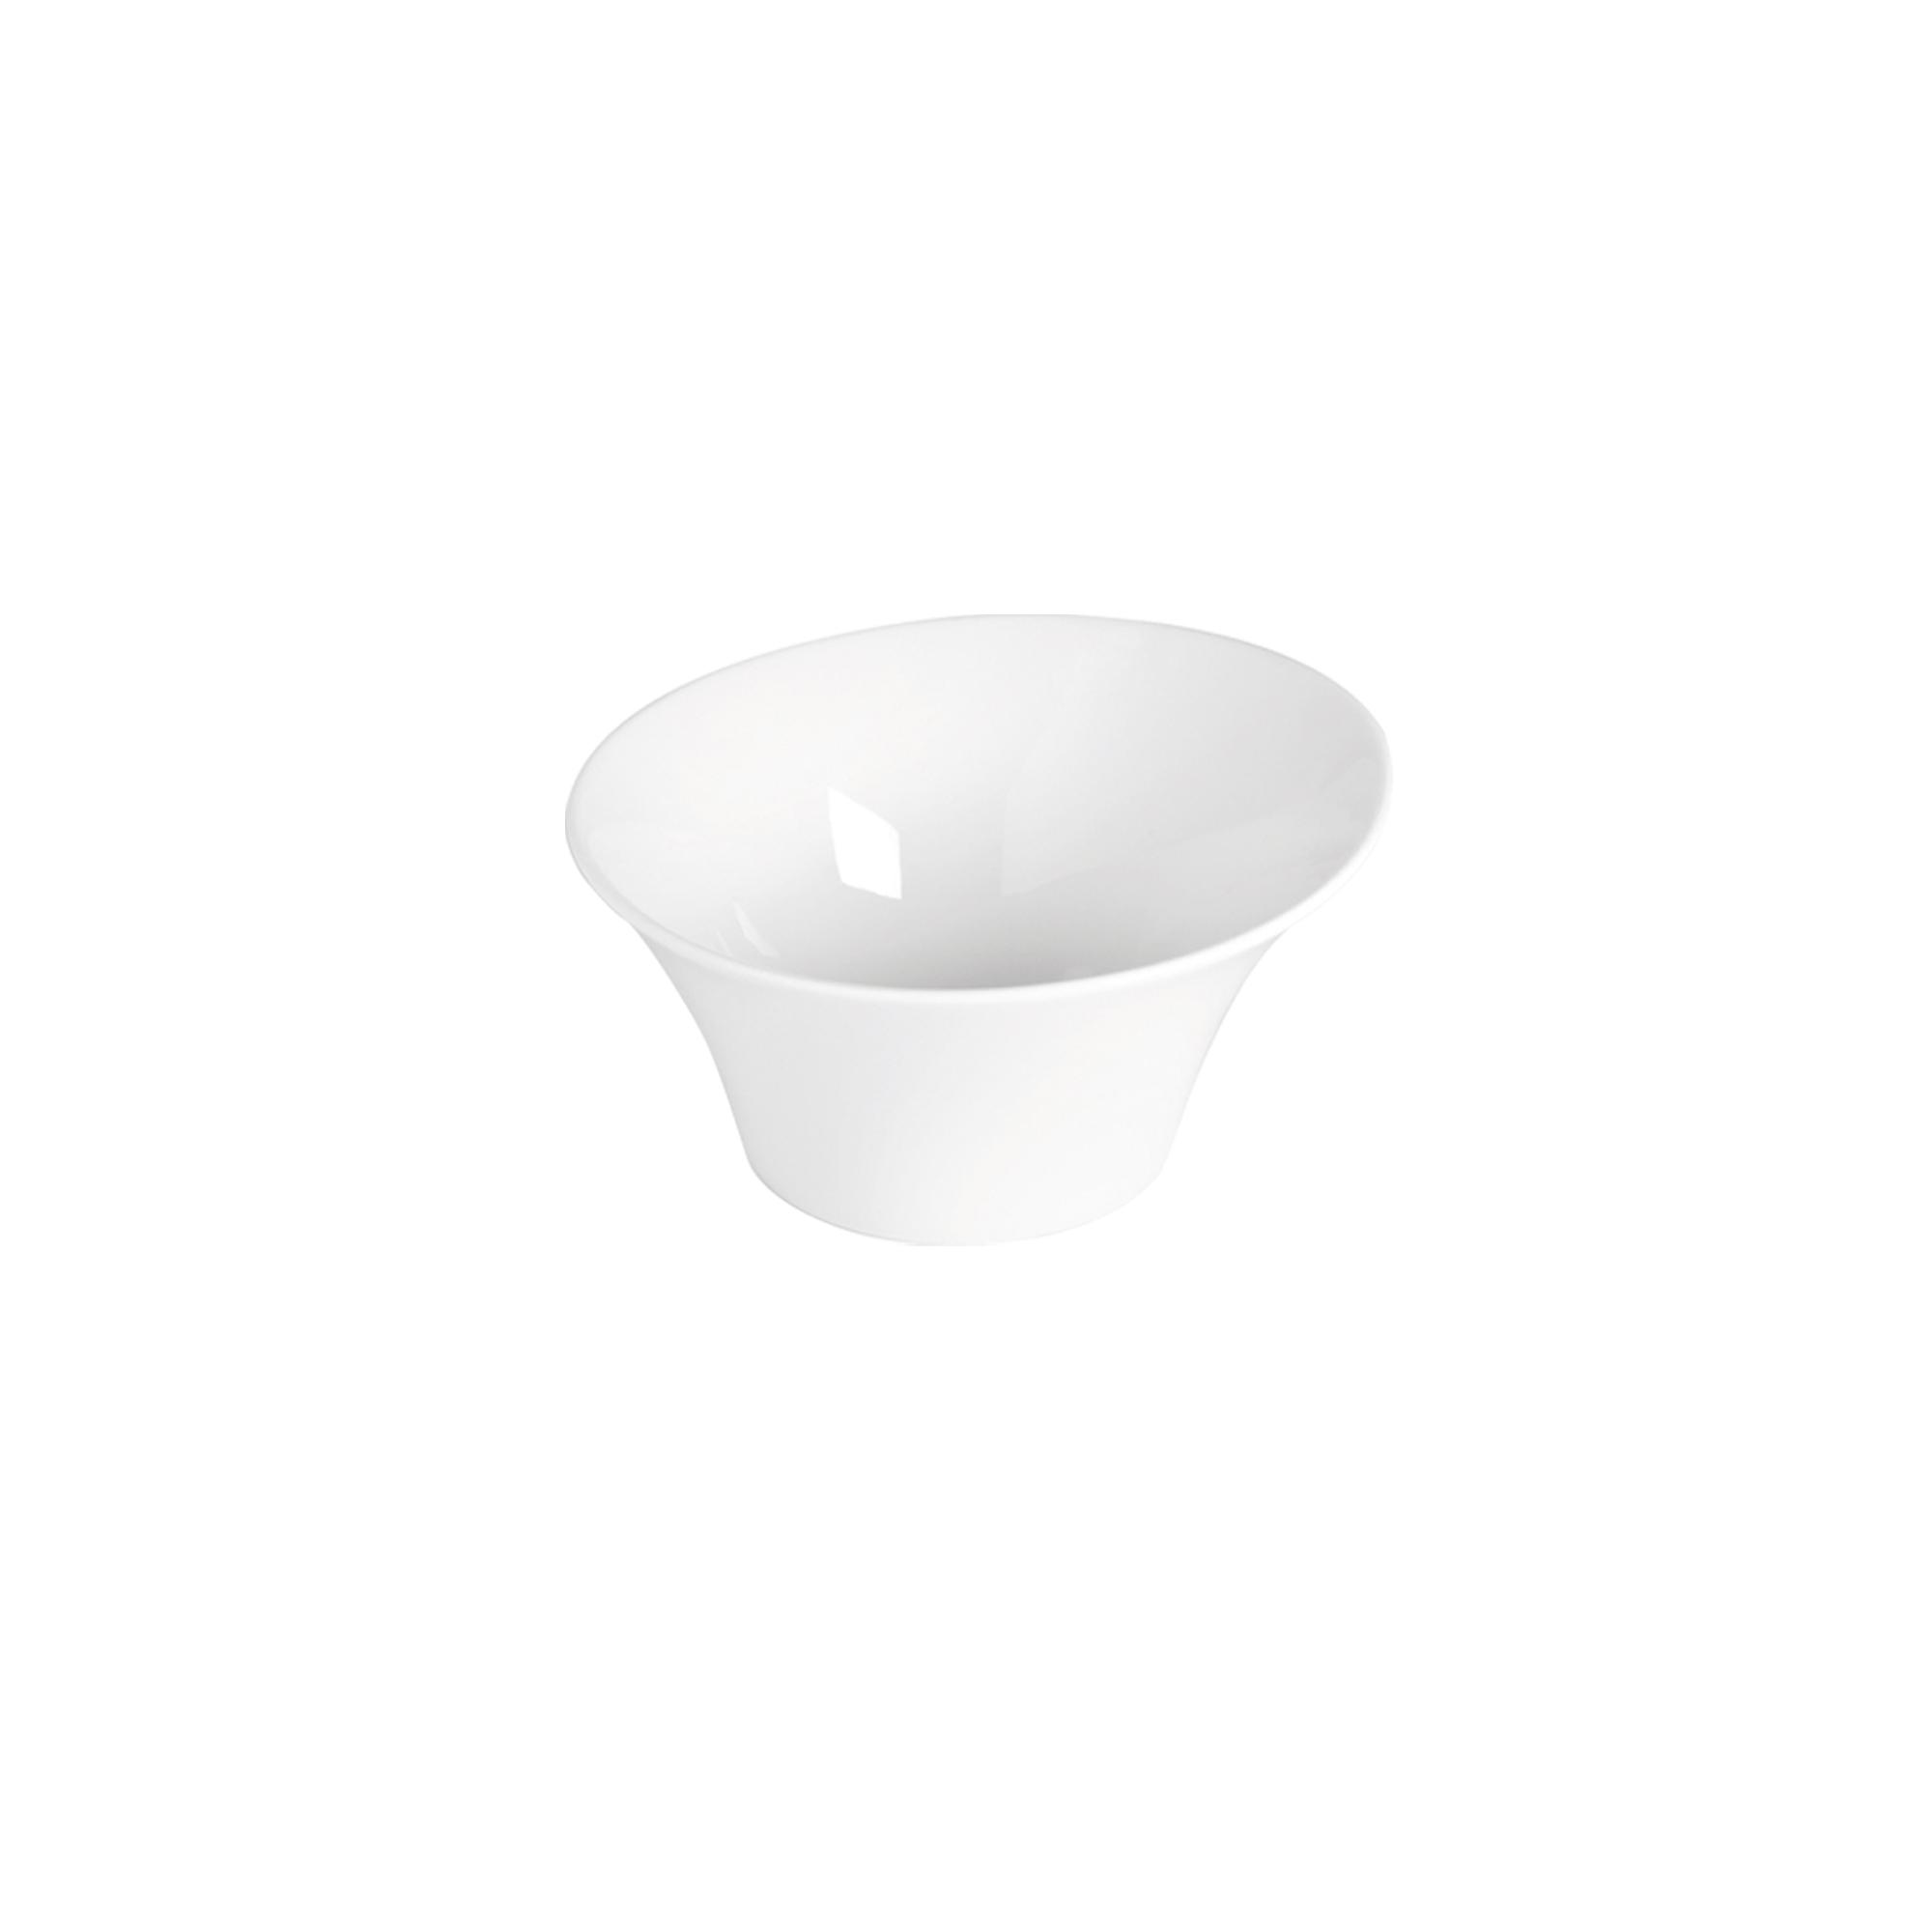 Coupelle en porcelaine blanche blanc 11 cm - Lot de 6